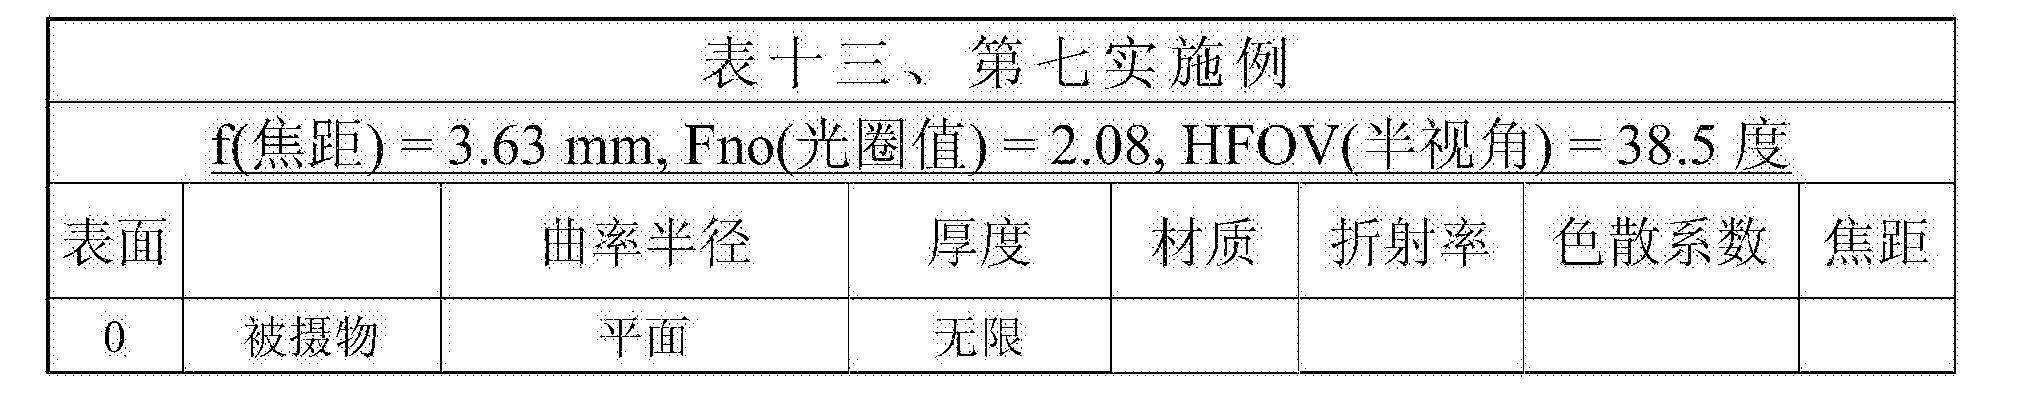 Figure CN105572844BD00291